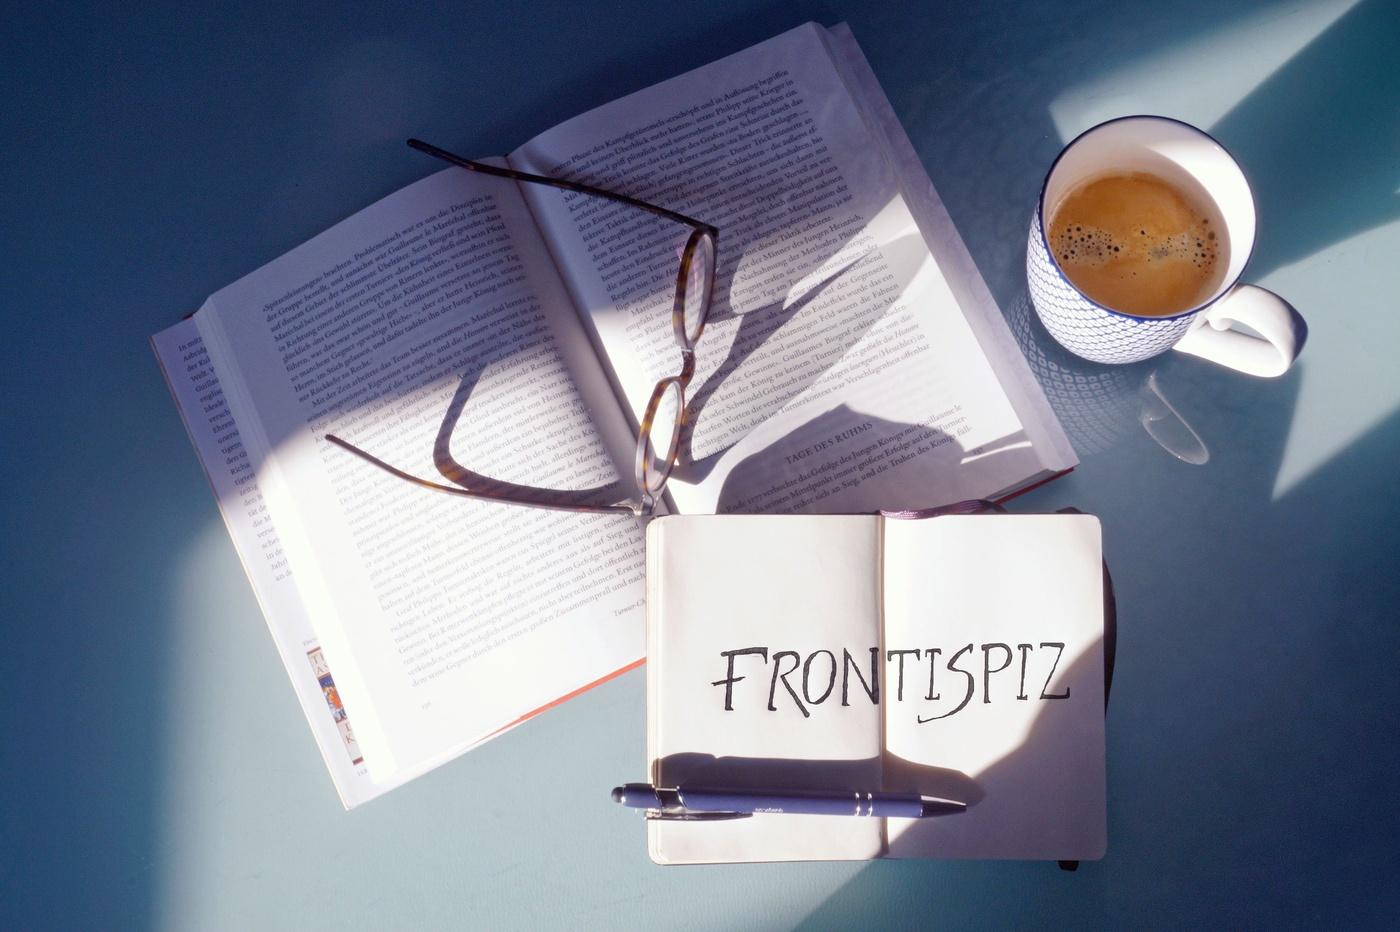 Frontispiz - Der Literaturpodcast